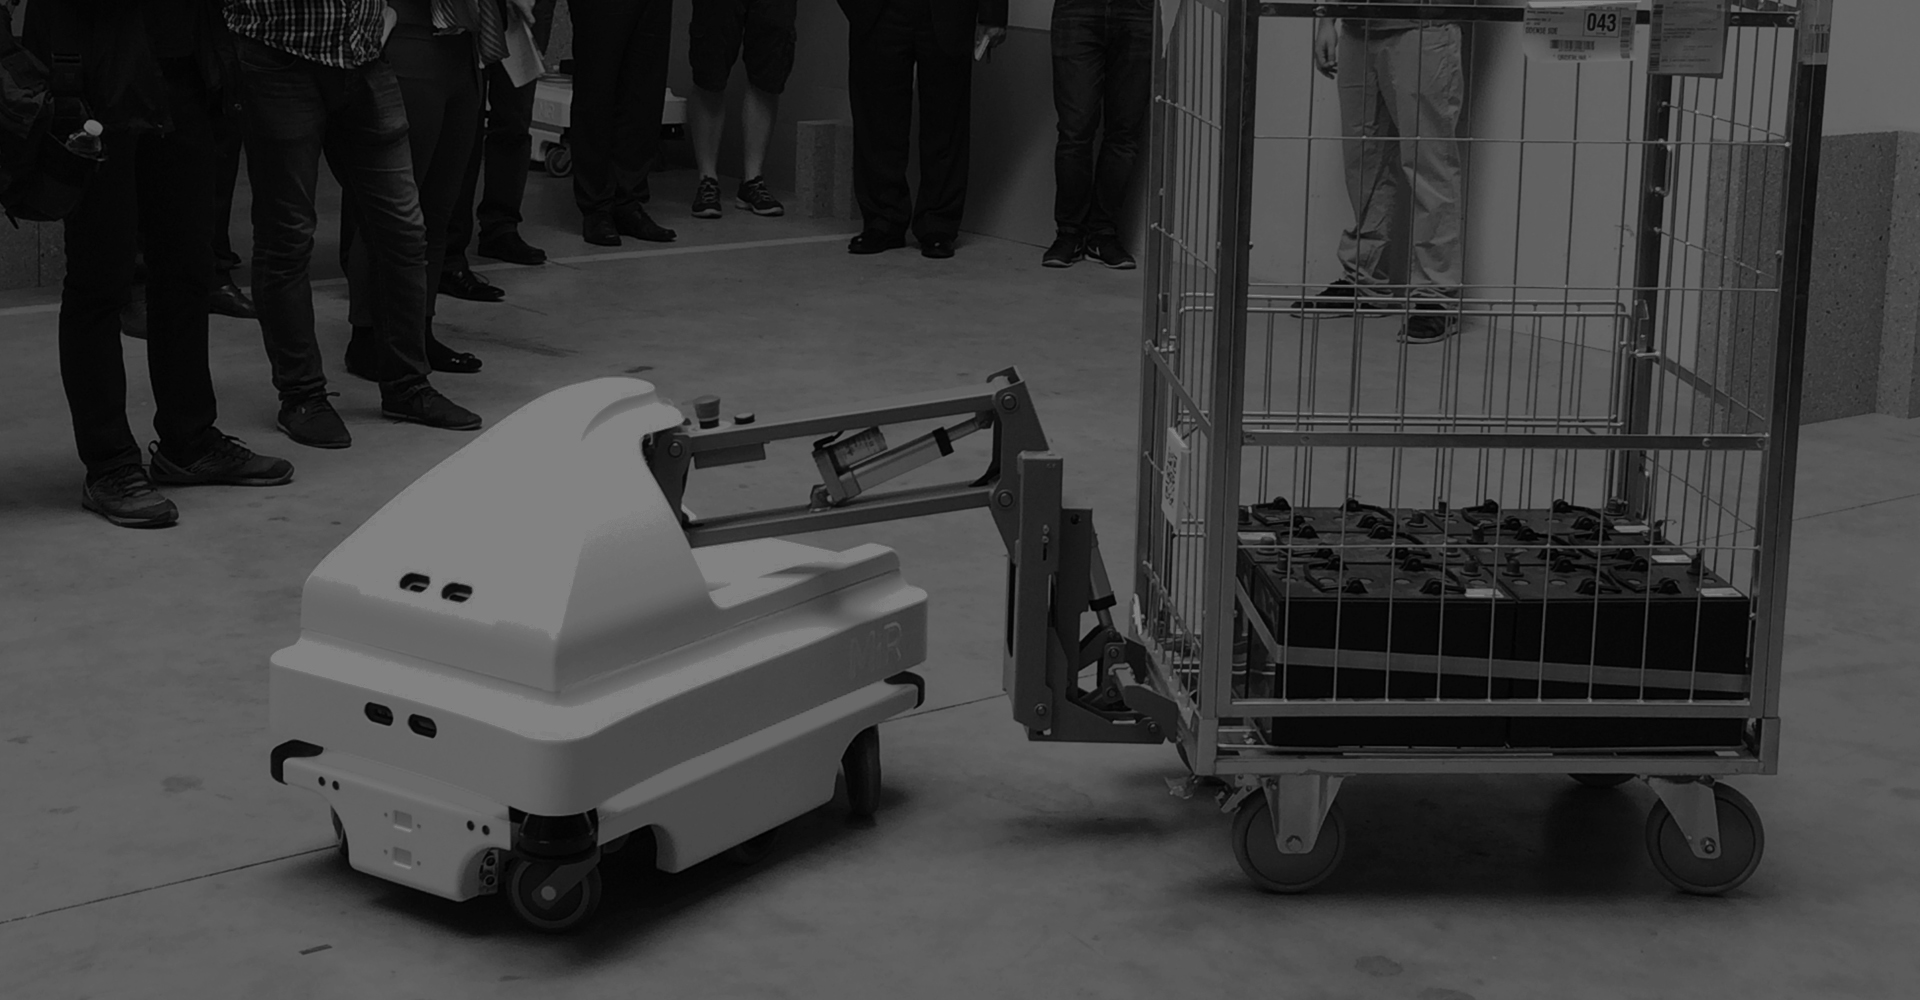 MiR mobile industrial robots